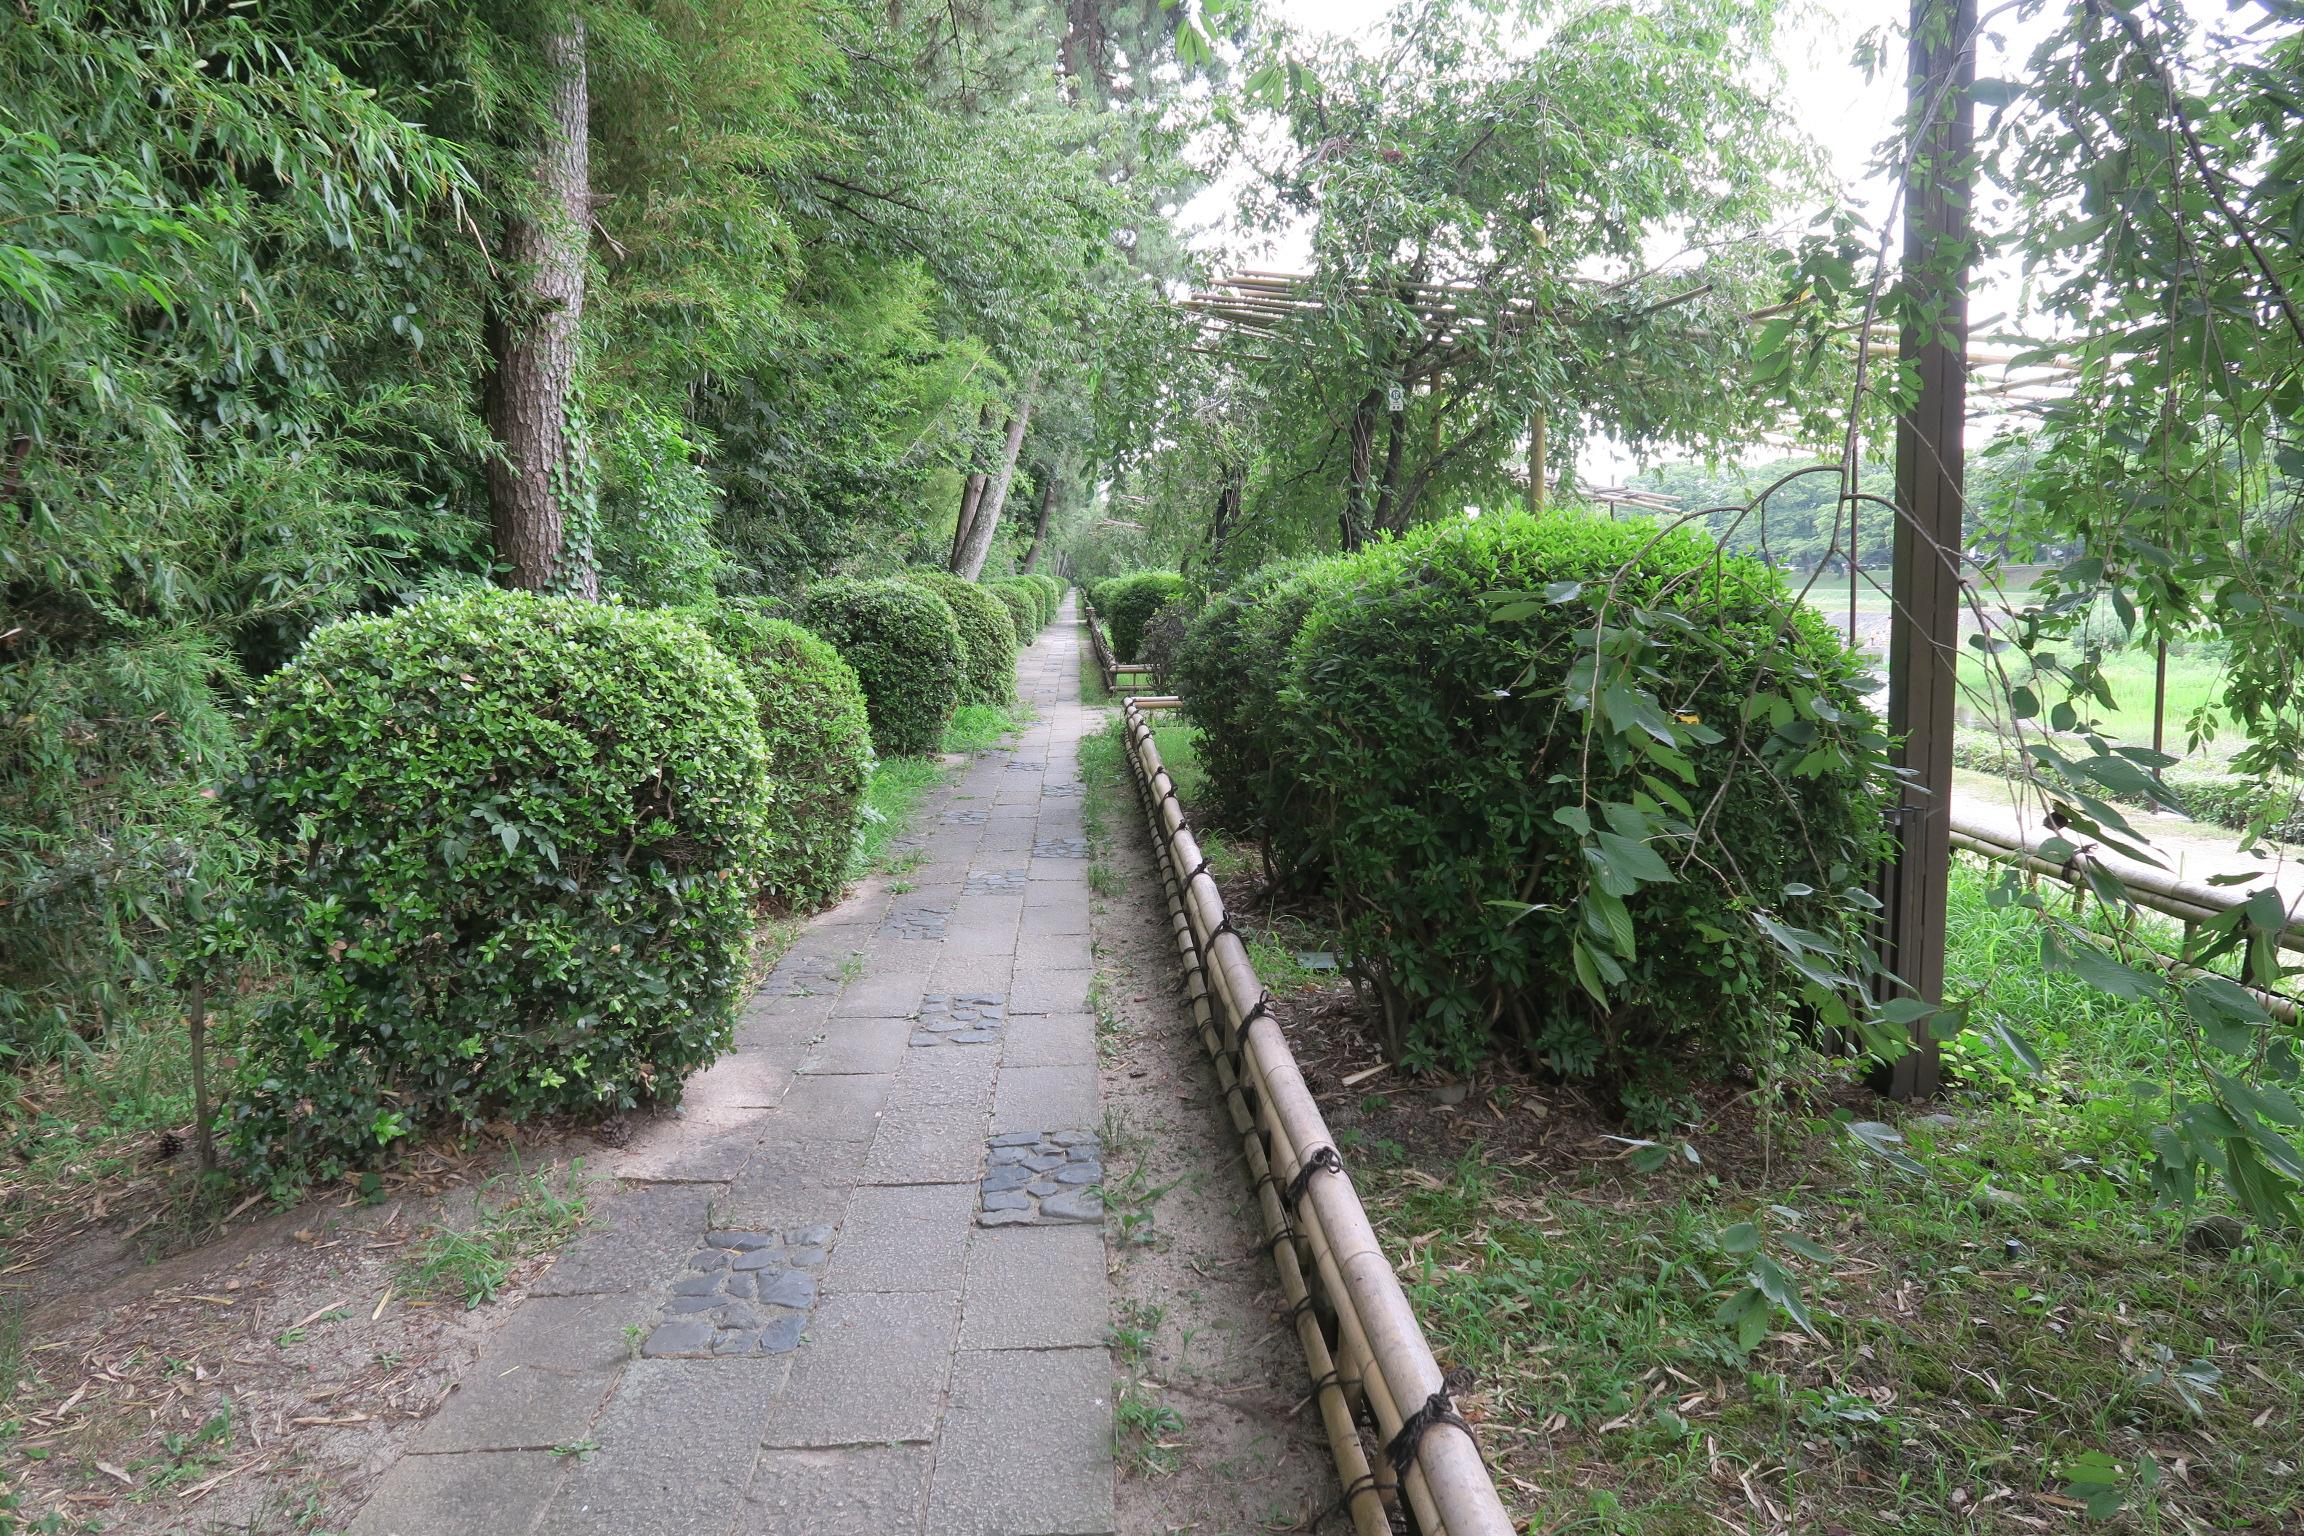 帰りは歩行者優先の道で帰りました。